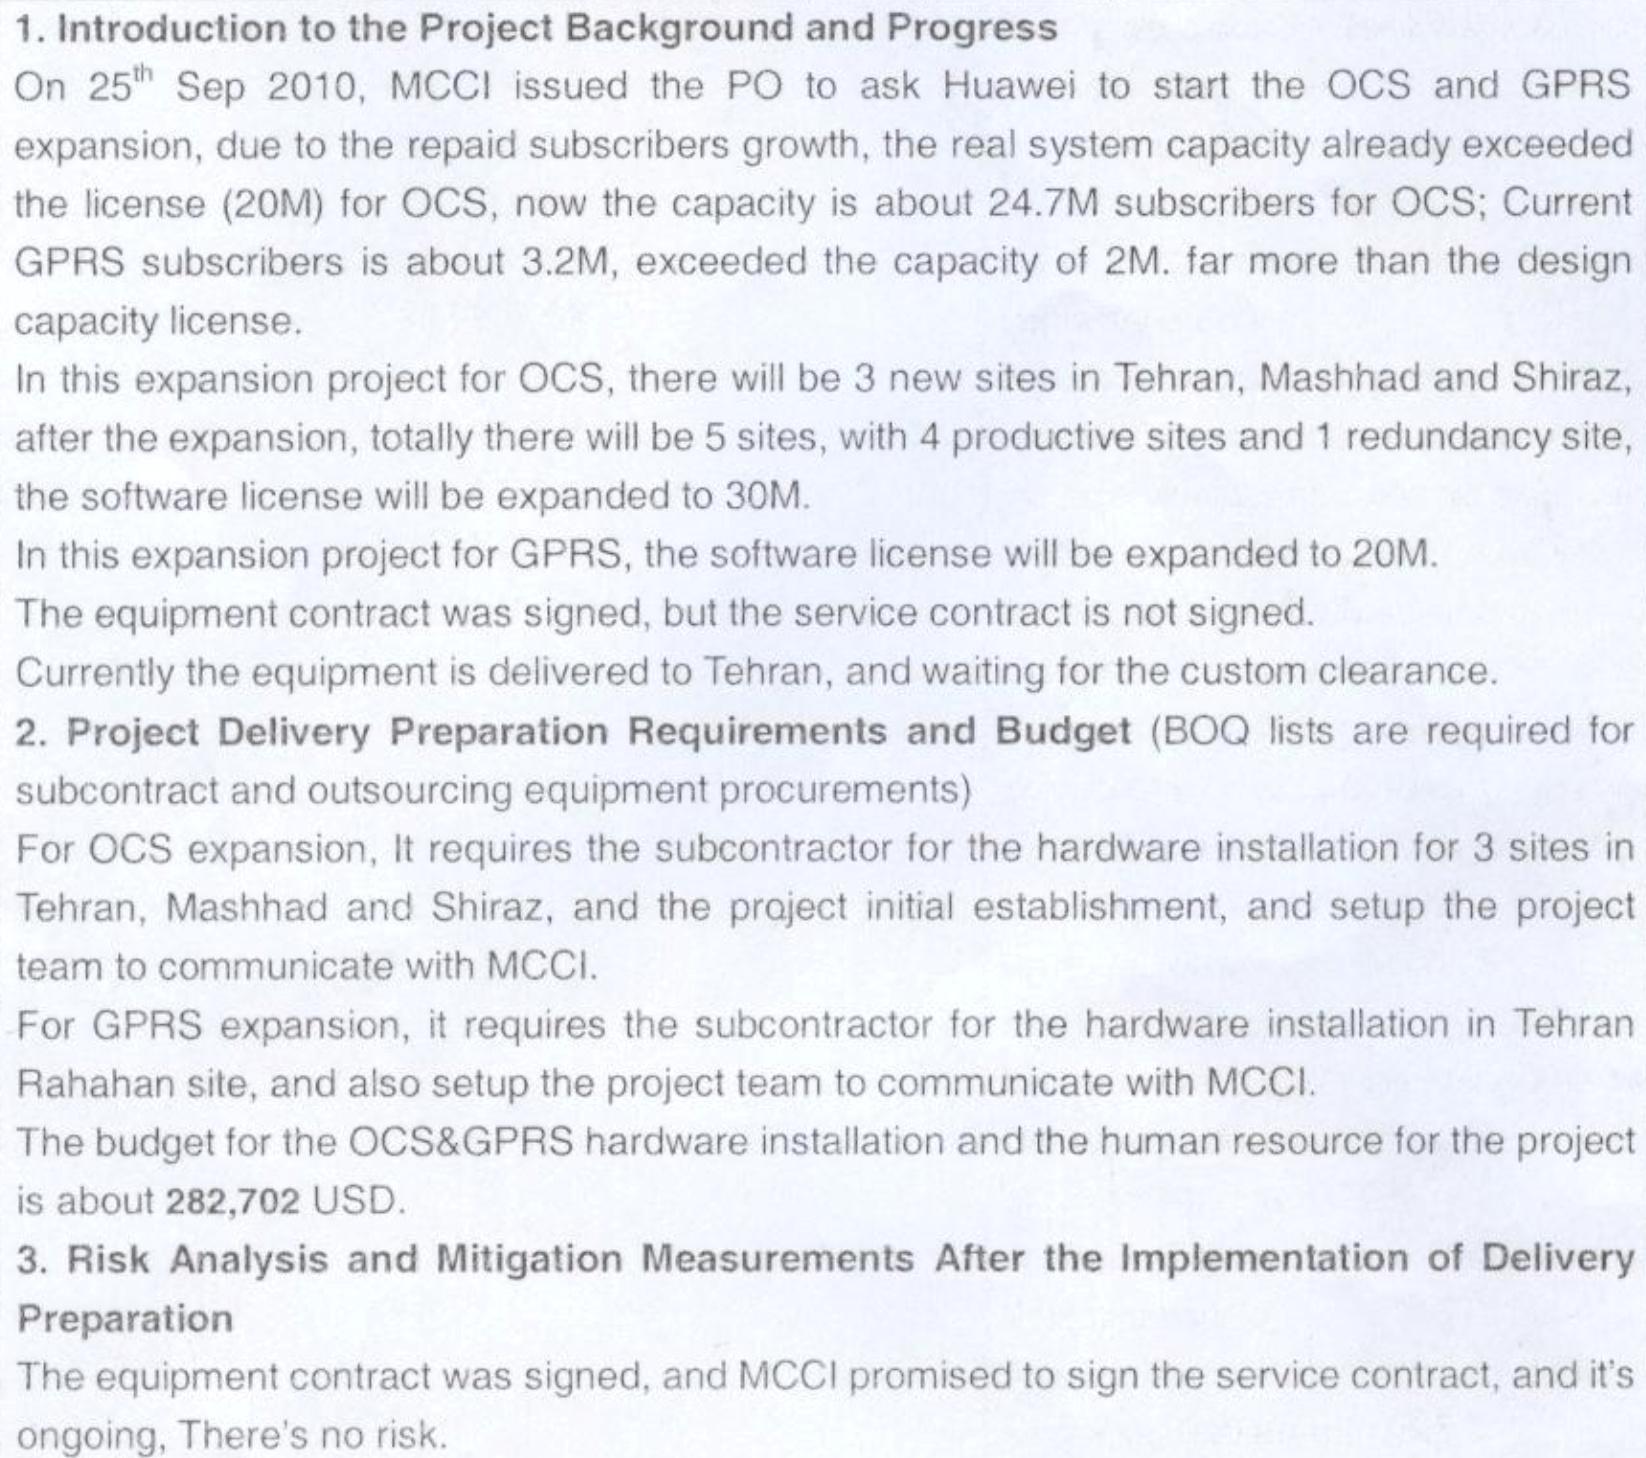 Exclusif: des documents récemment obtenus montrent le rôle de Huawei dans l'expédition de matériel américain interdit vers l'Iran